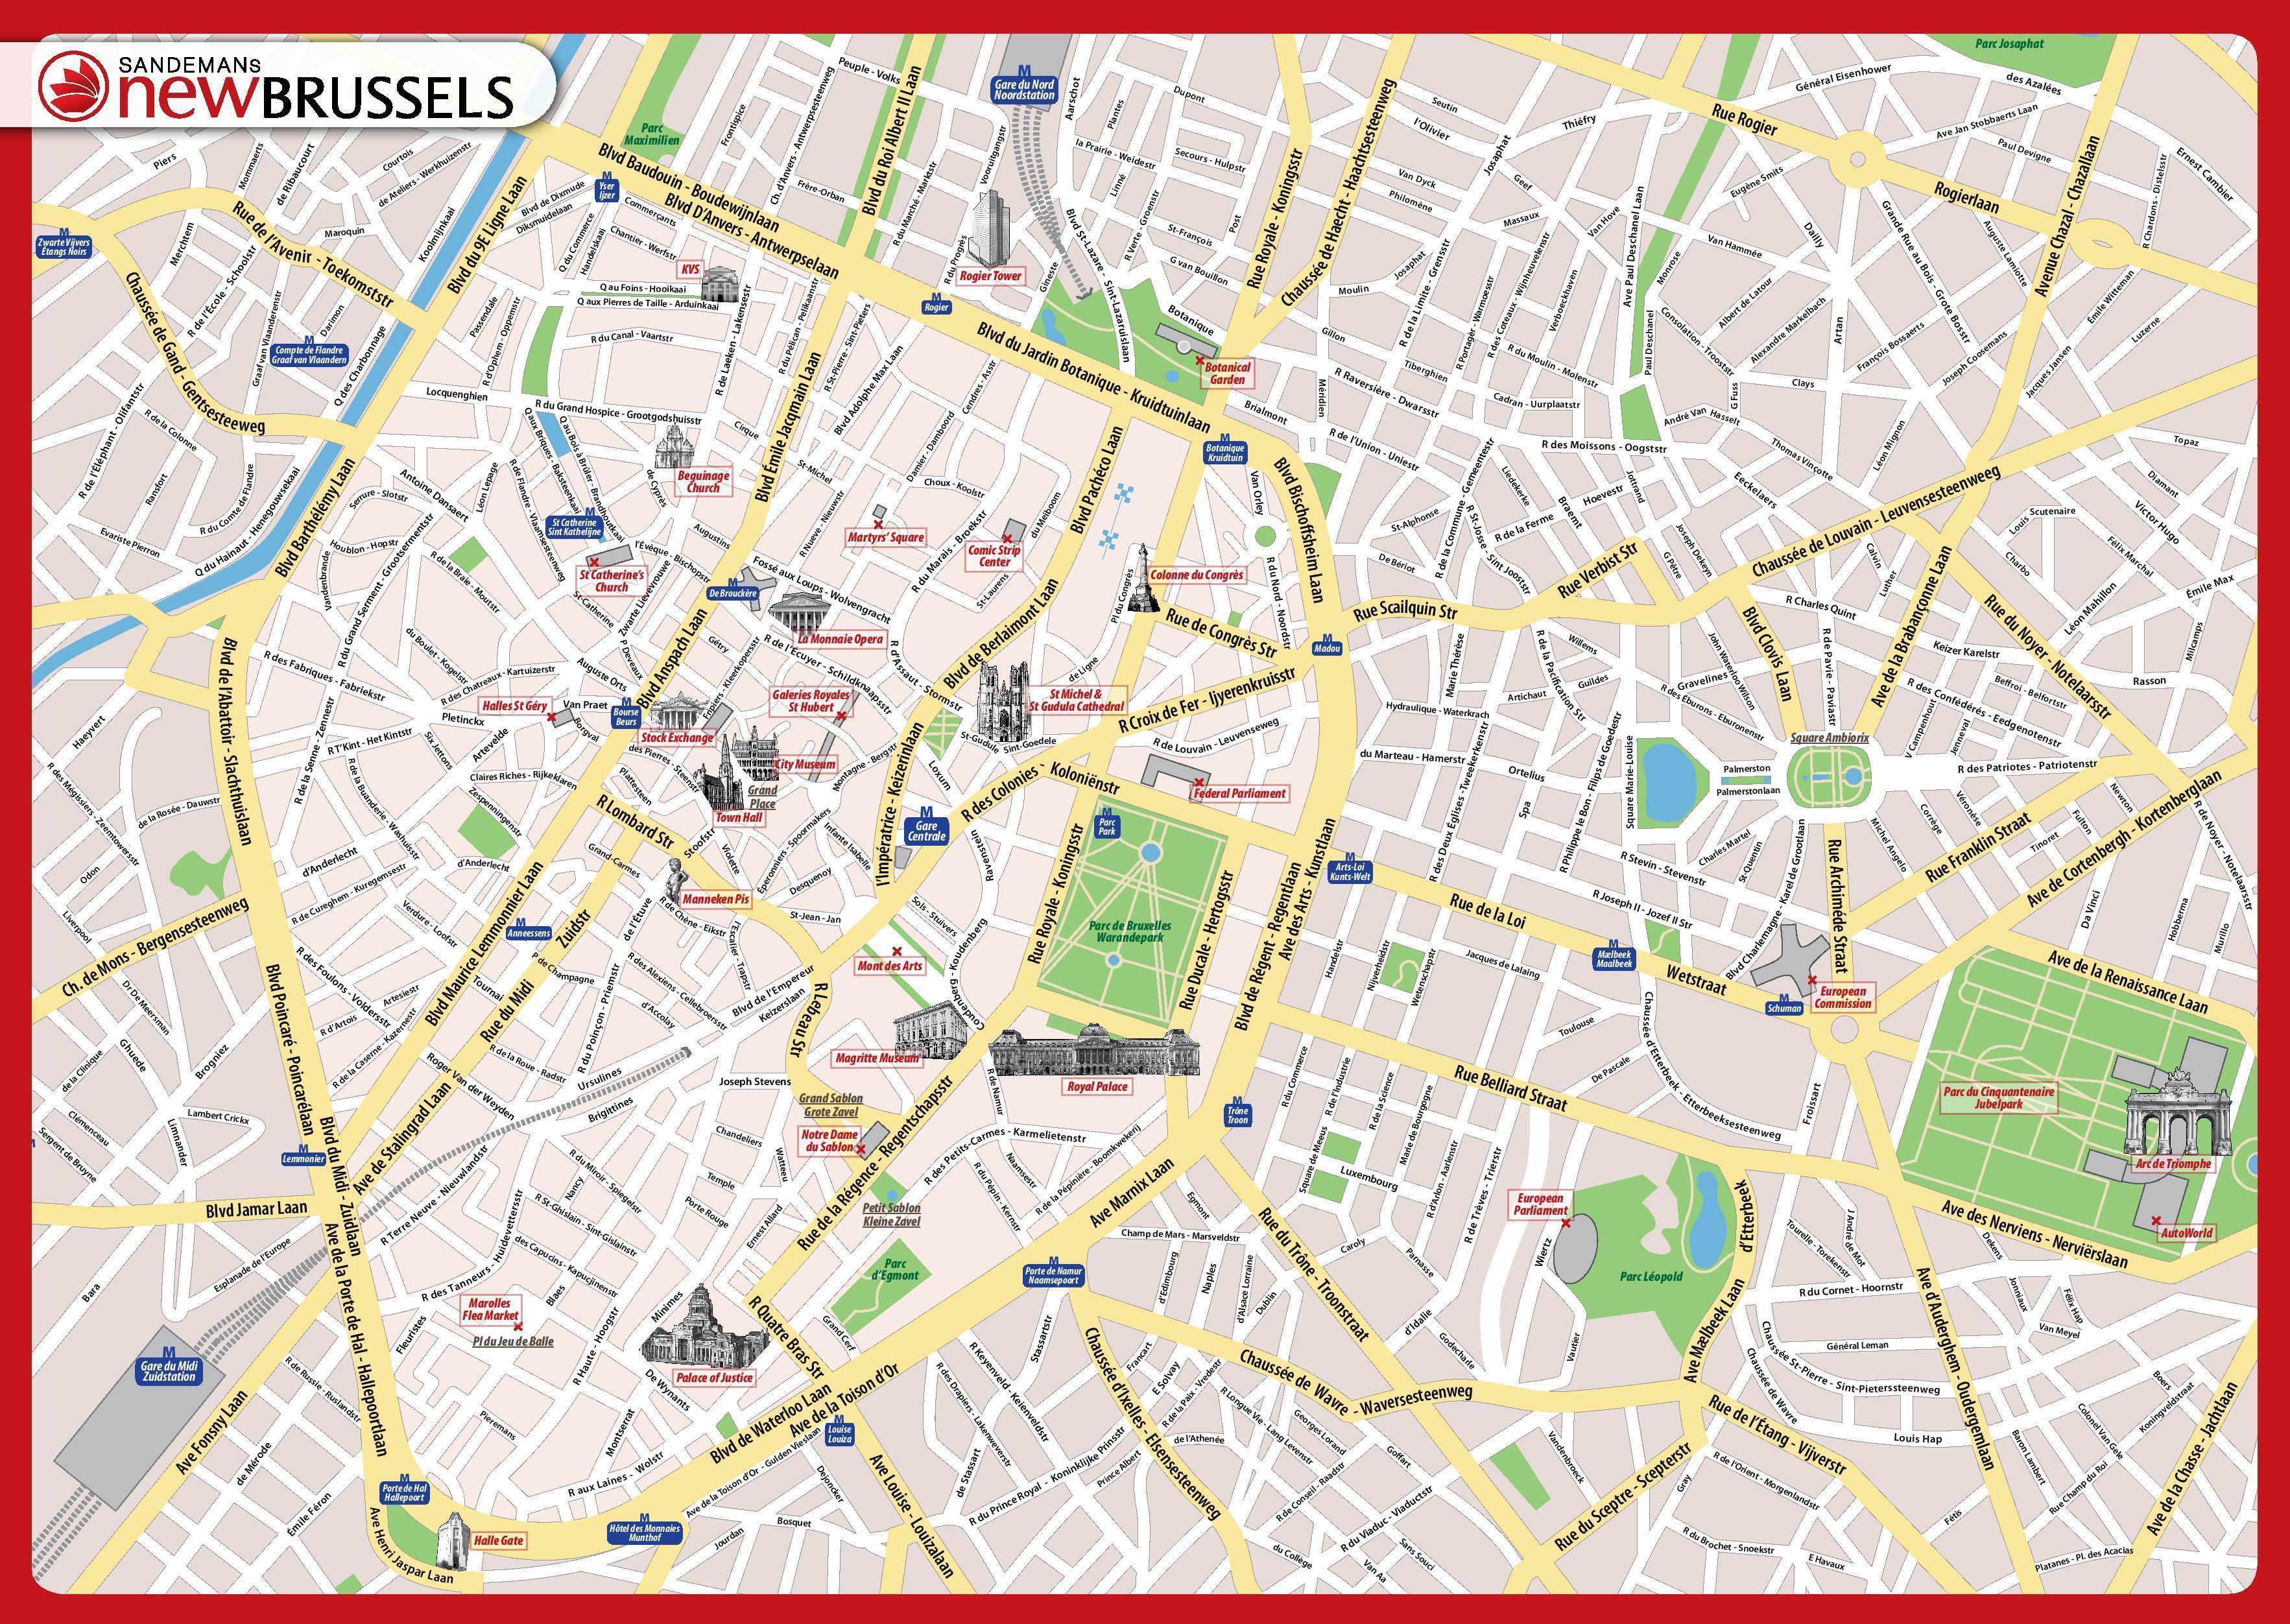 Brüssel Sehenswürdigkeiten Karte.Brüssel Karte Sehenswürdigkeiten Brüssel Sehenswürdigkeiten Karte